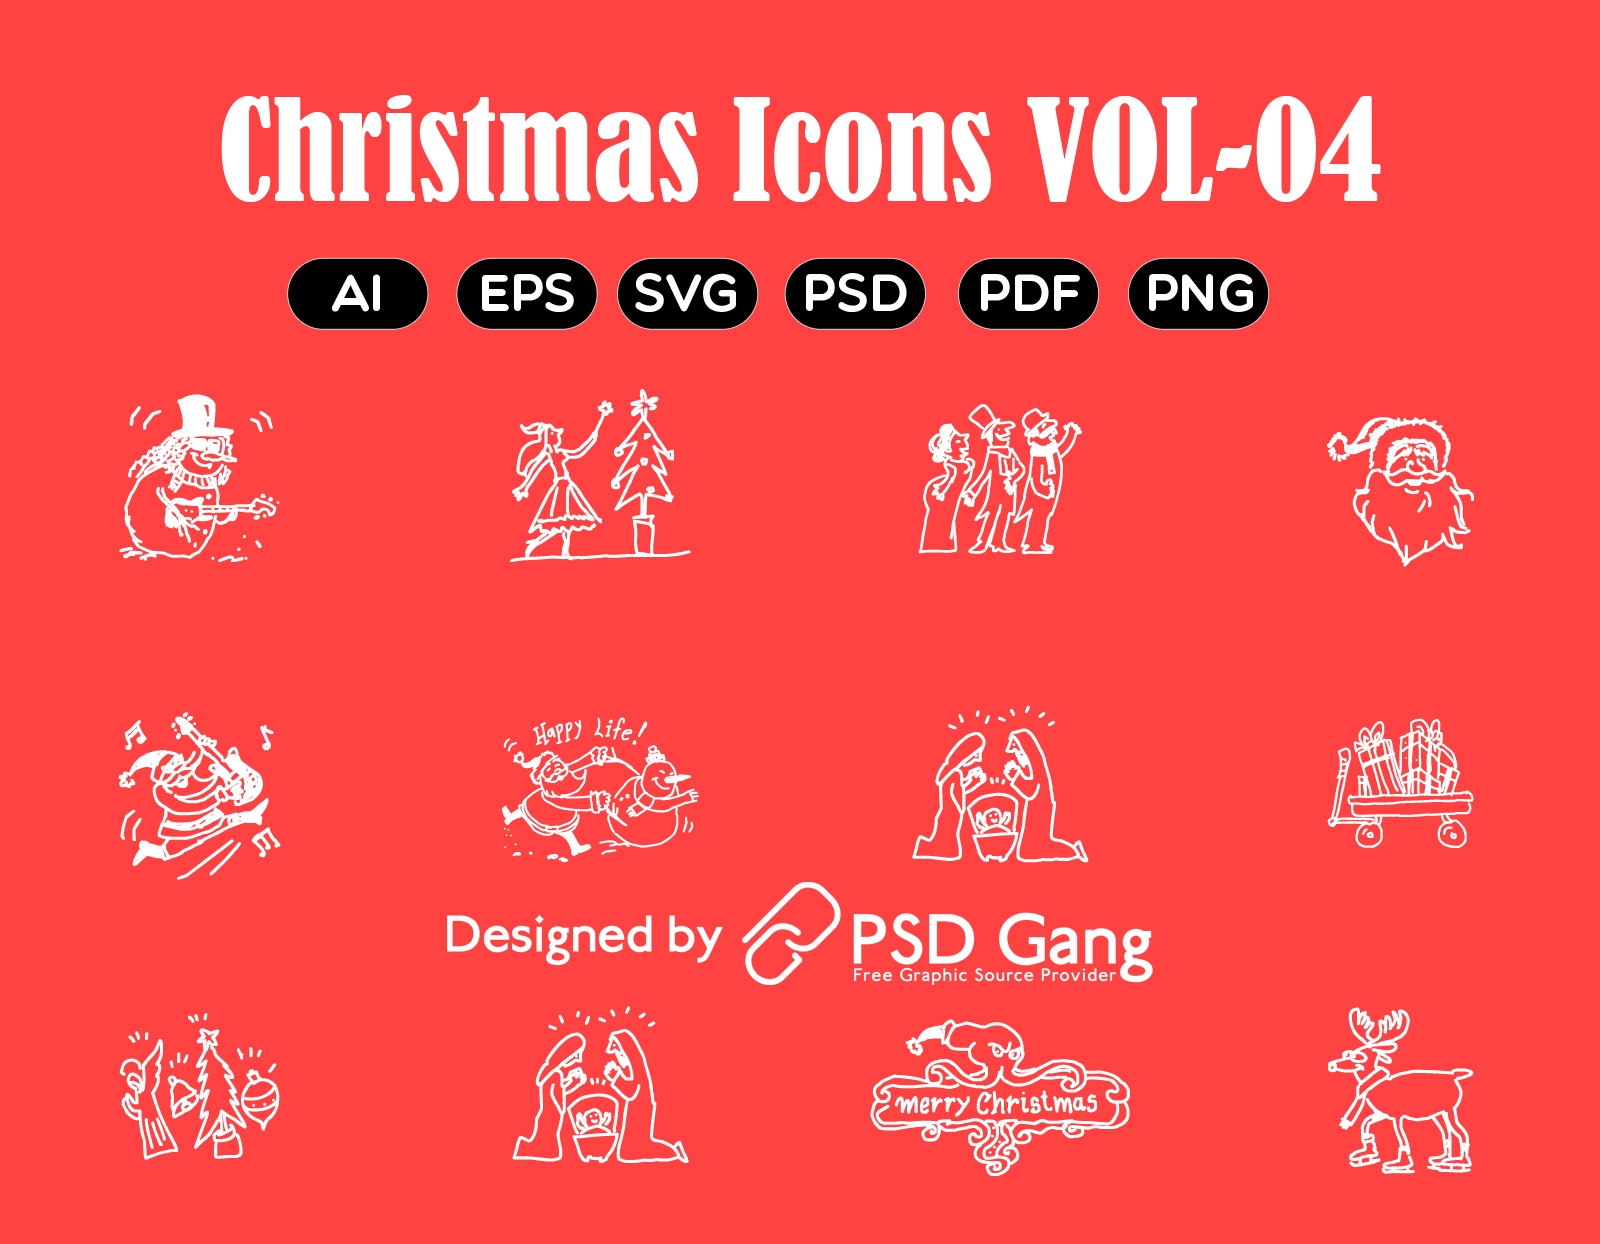 Christmas-Icon-VOL-04_01